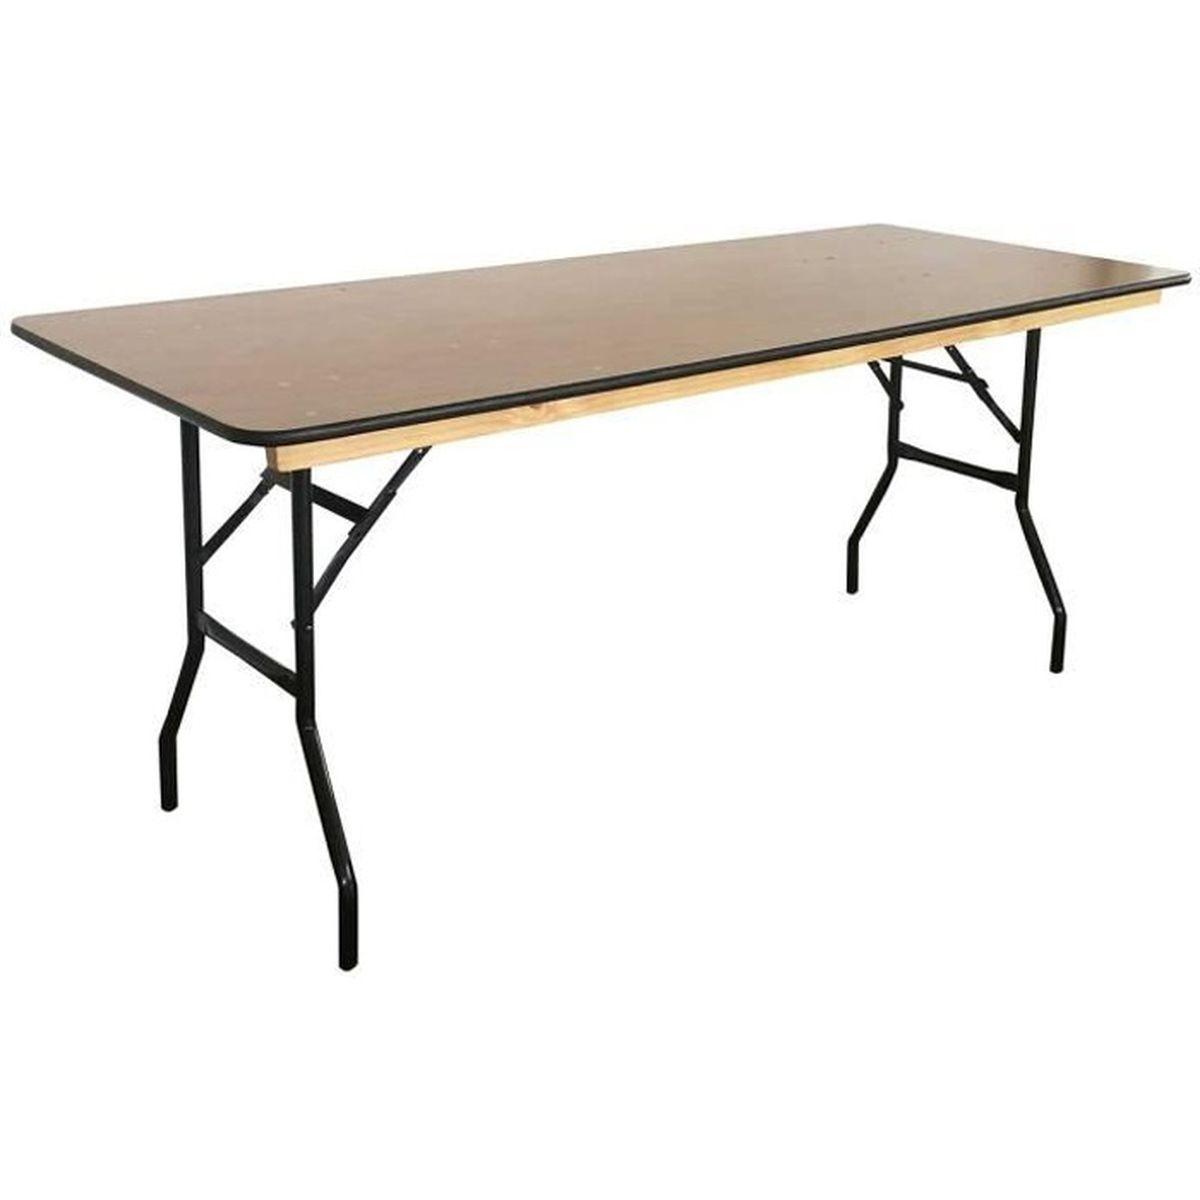 table pliante en bois 180cm achat vente table de jardin table pliante 180 cm en bois cdiscount. Black Bedroom Furniture Sets. Home Design Ideas